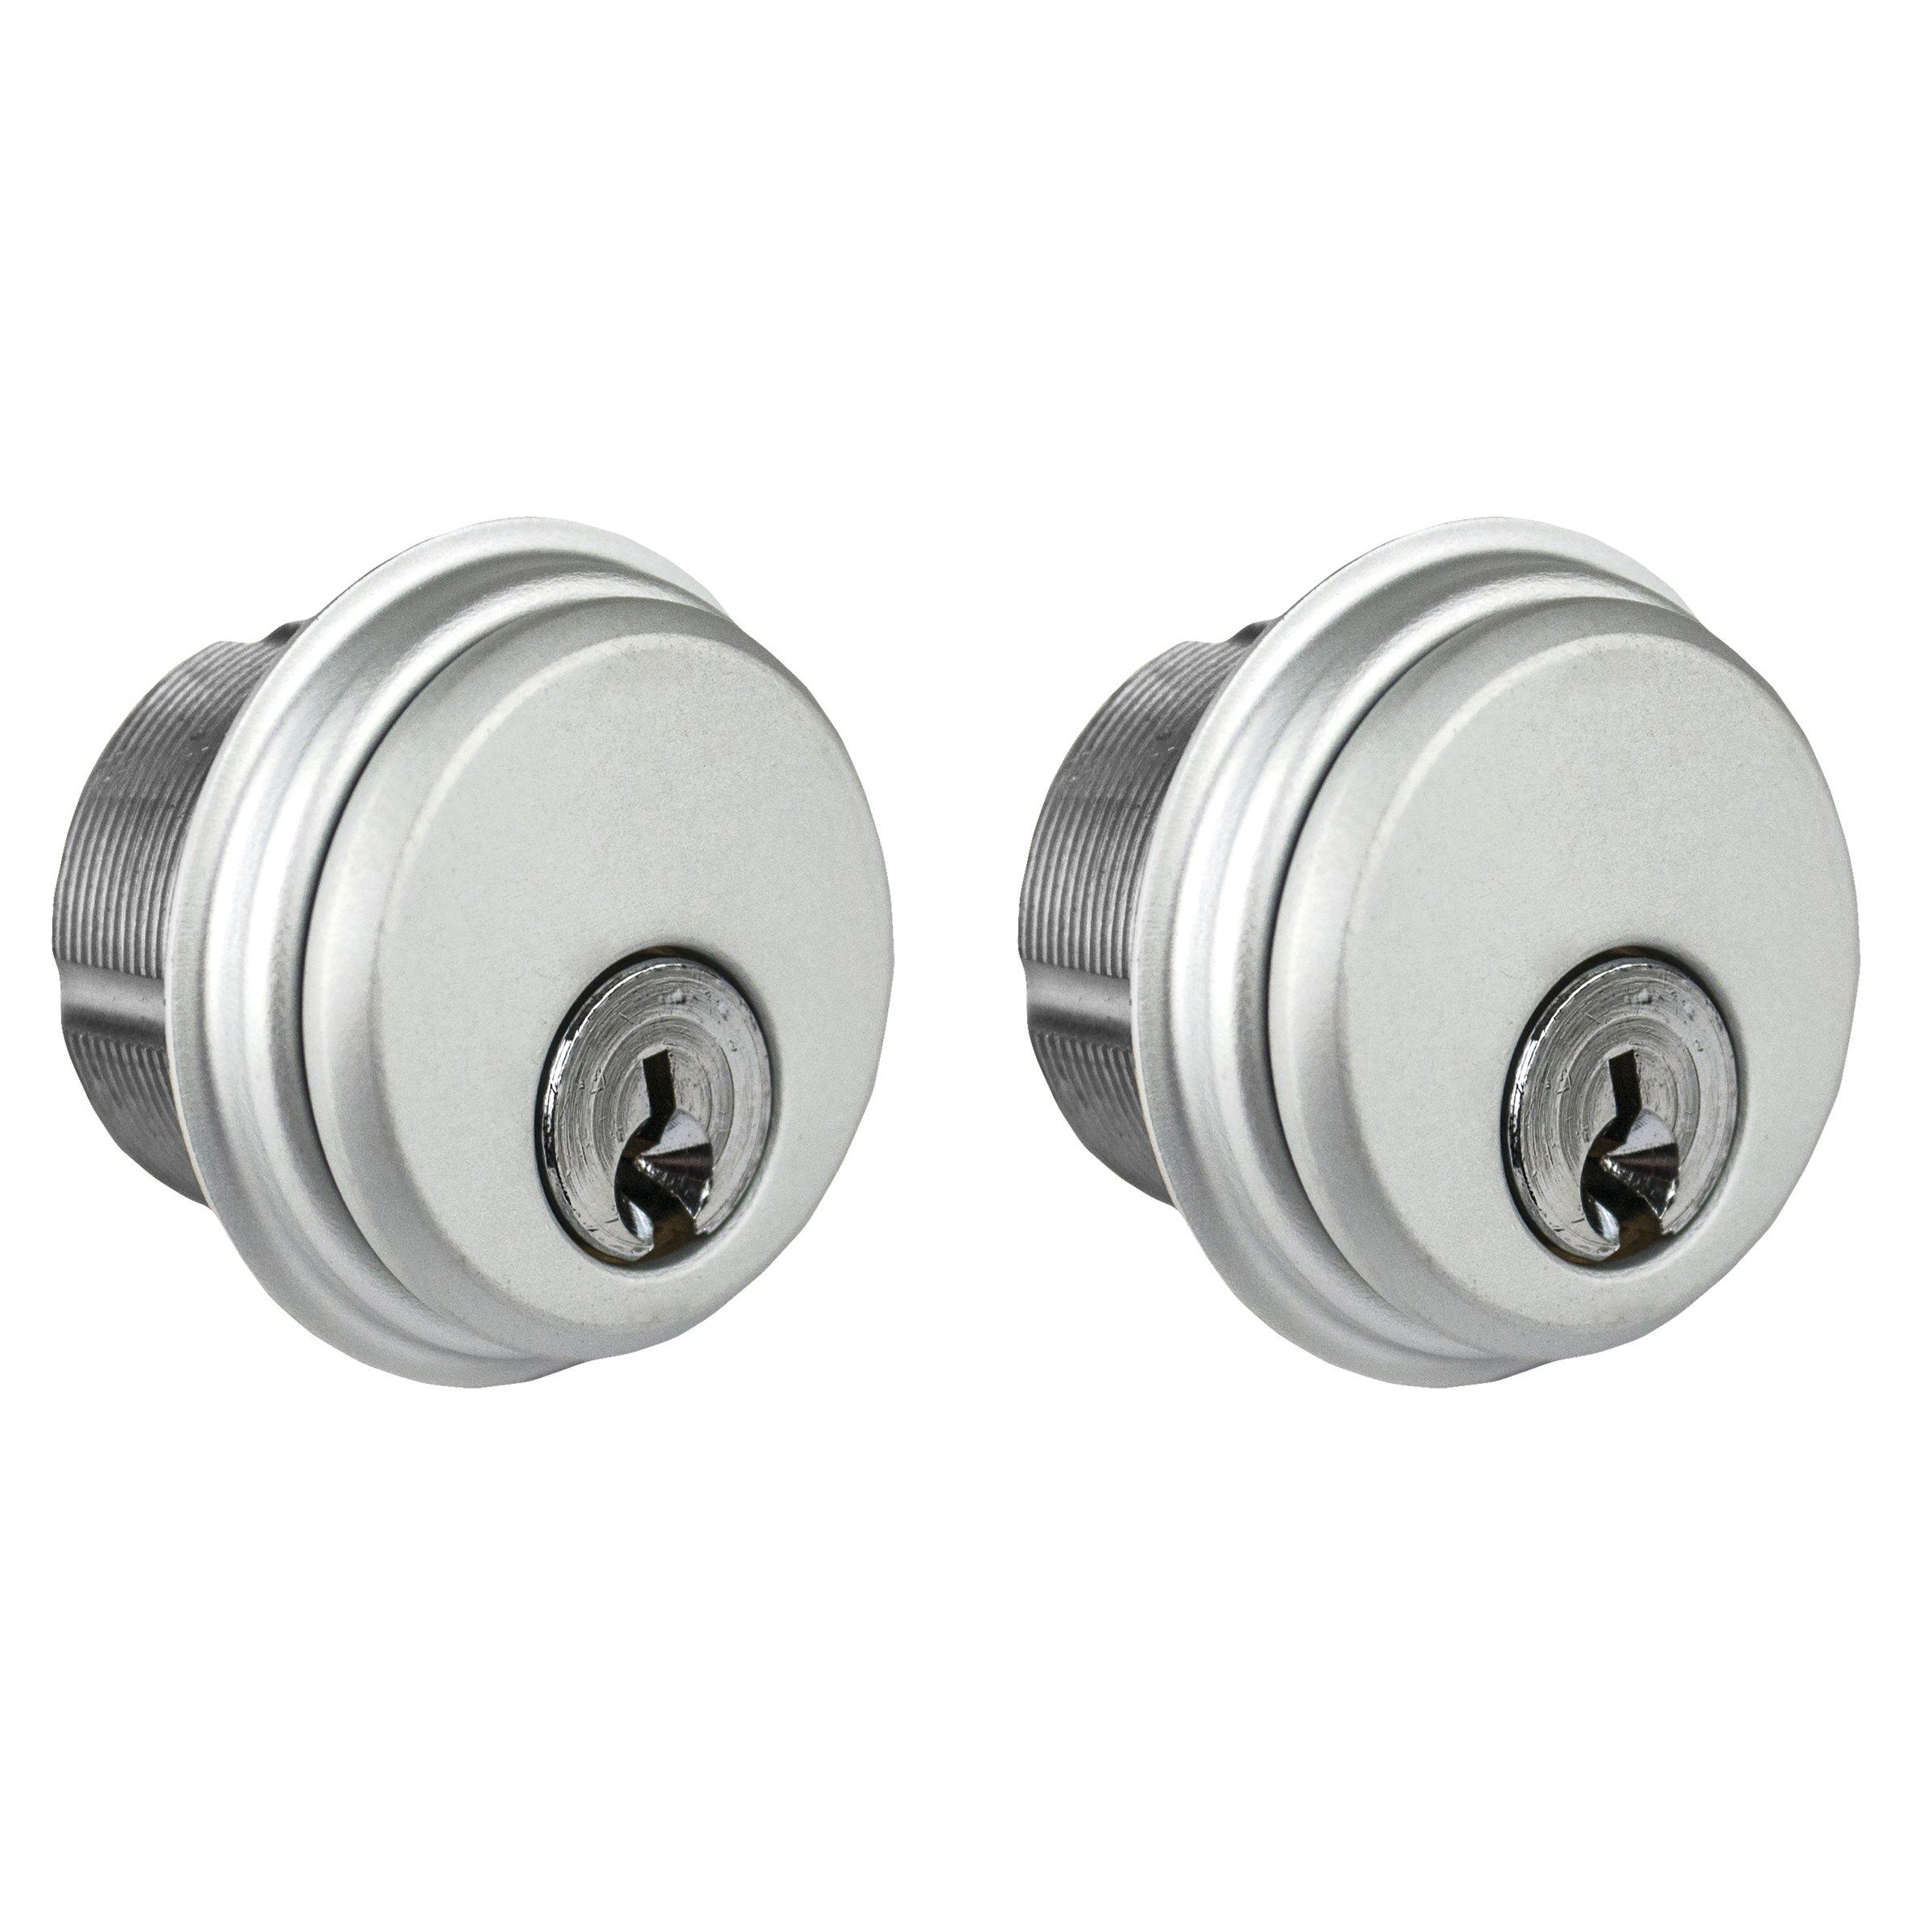 Global Door Controls Double Zinc Mortise Cylinder in Aluminum